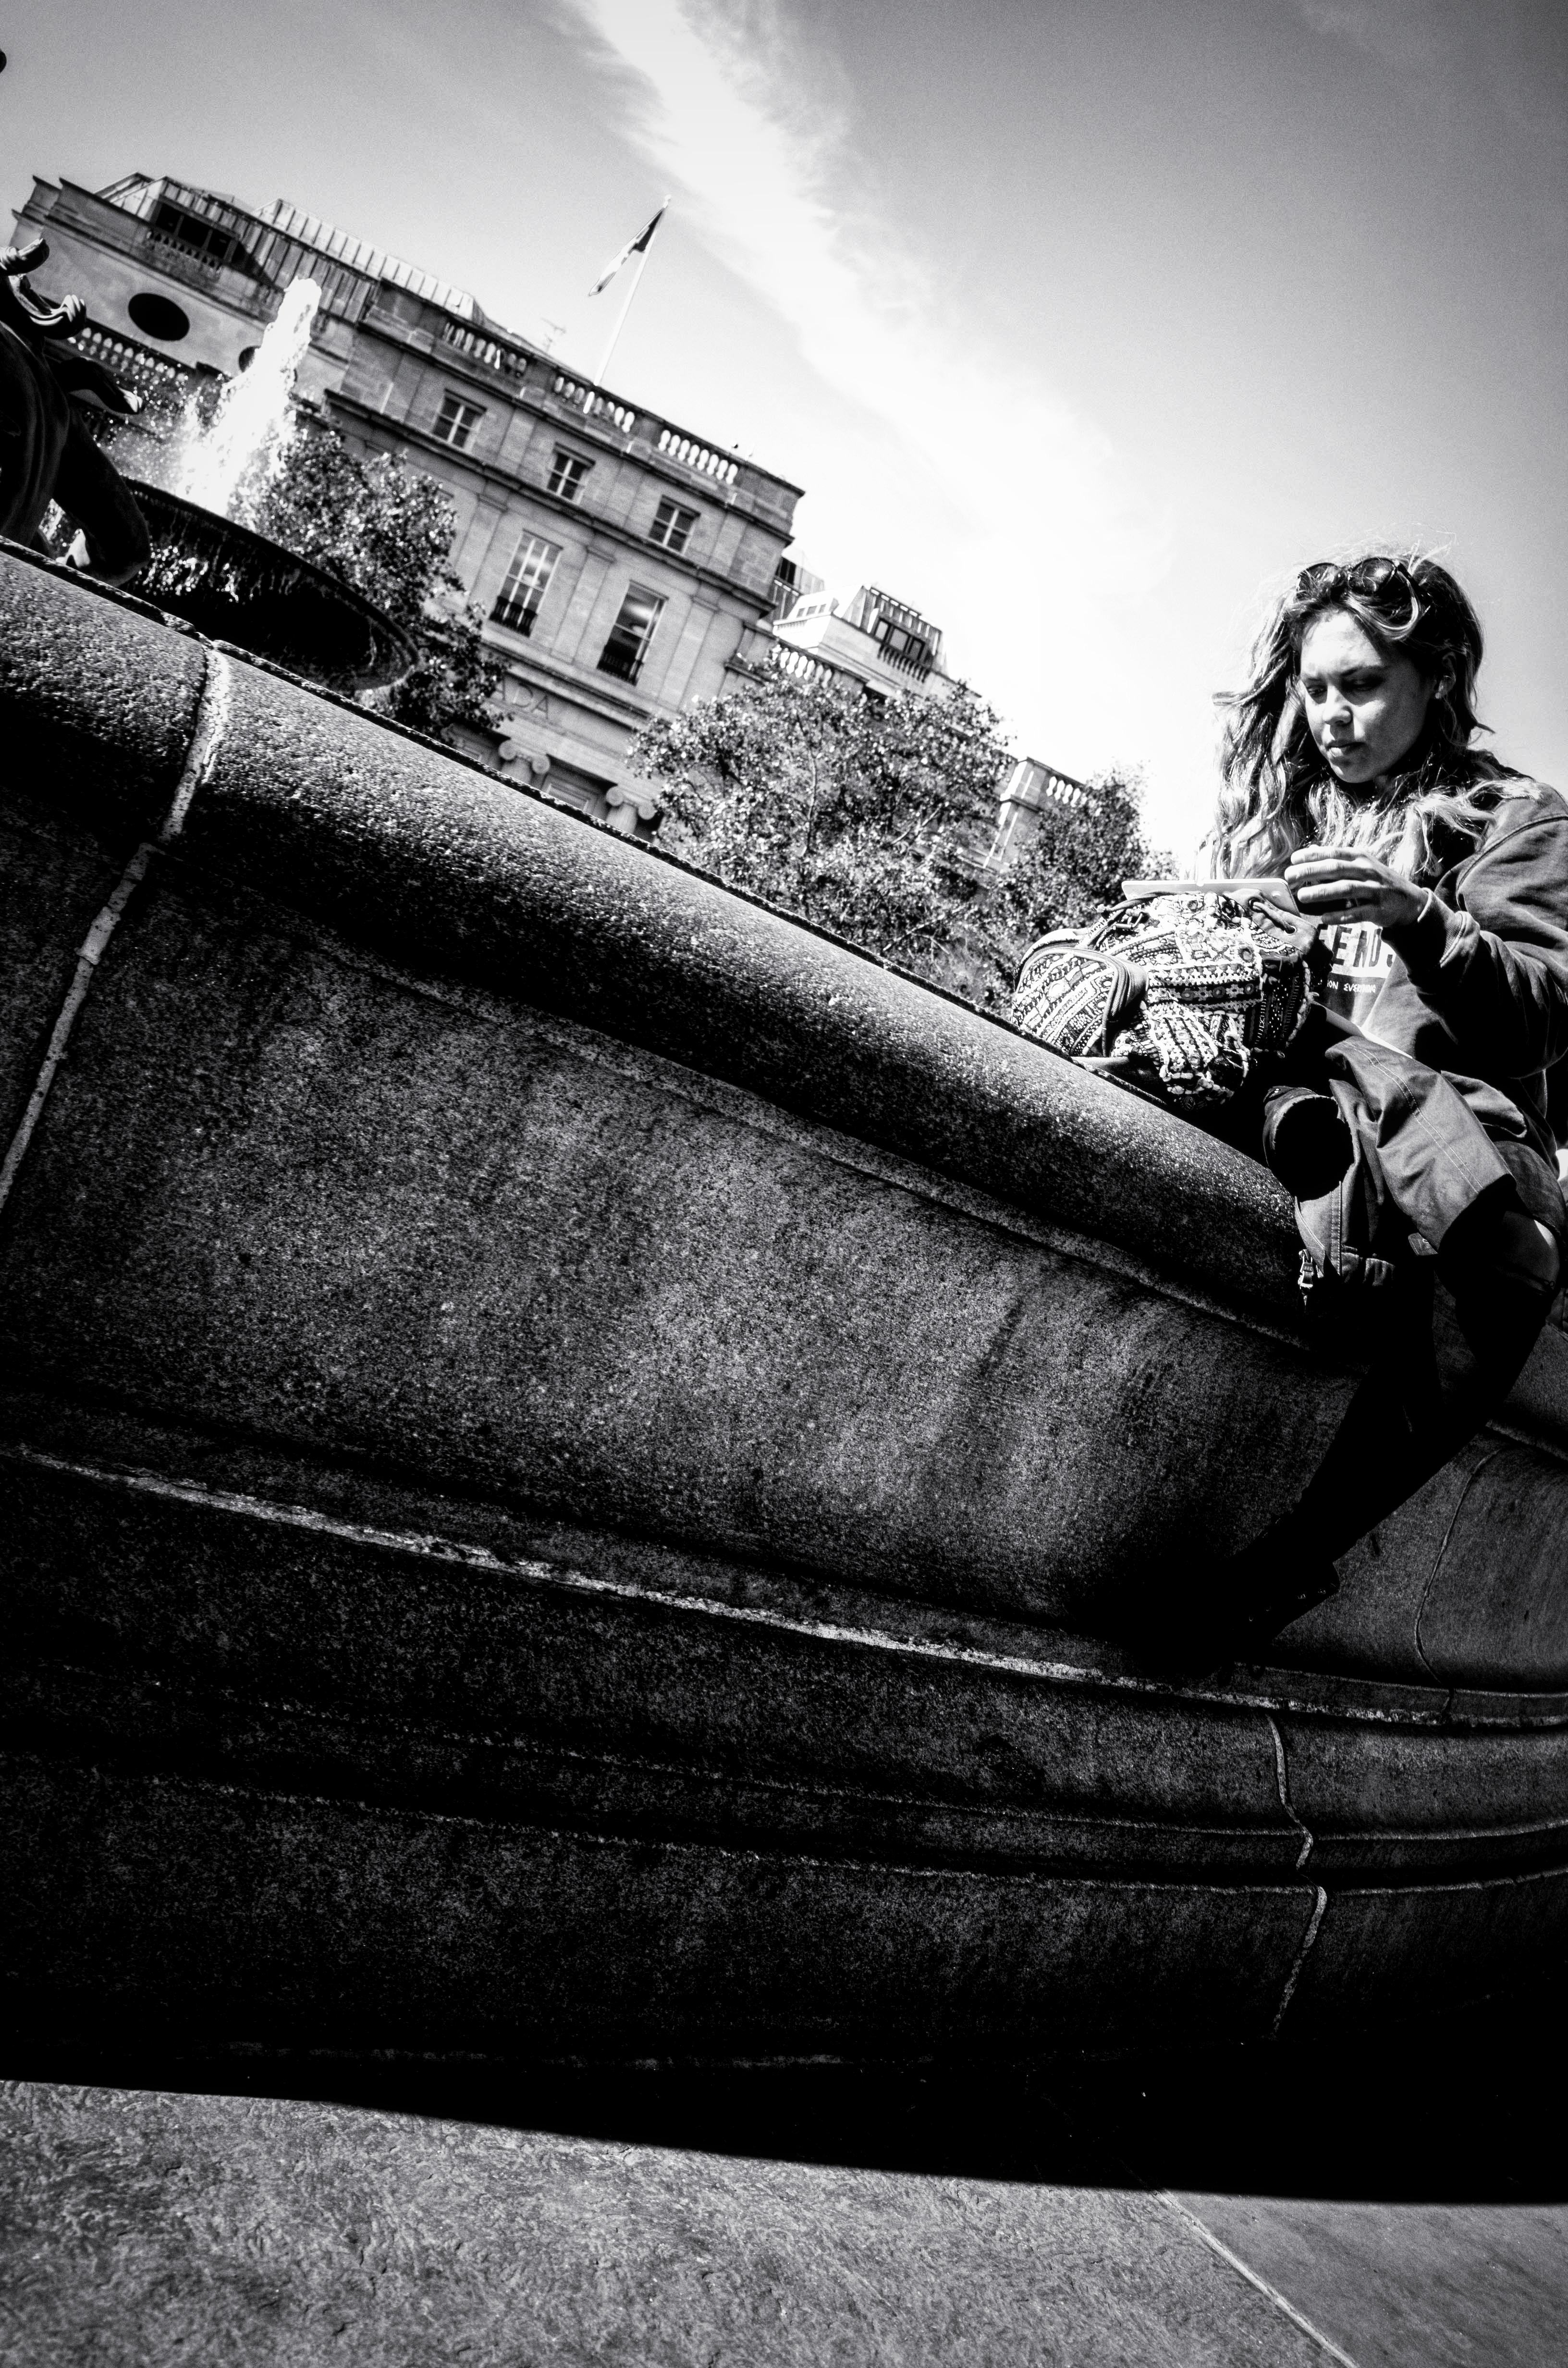 Trafalgar Sq, London, October 2016